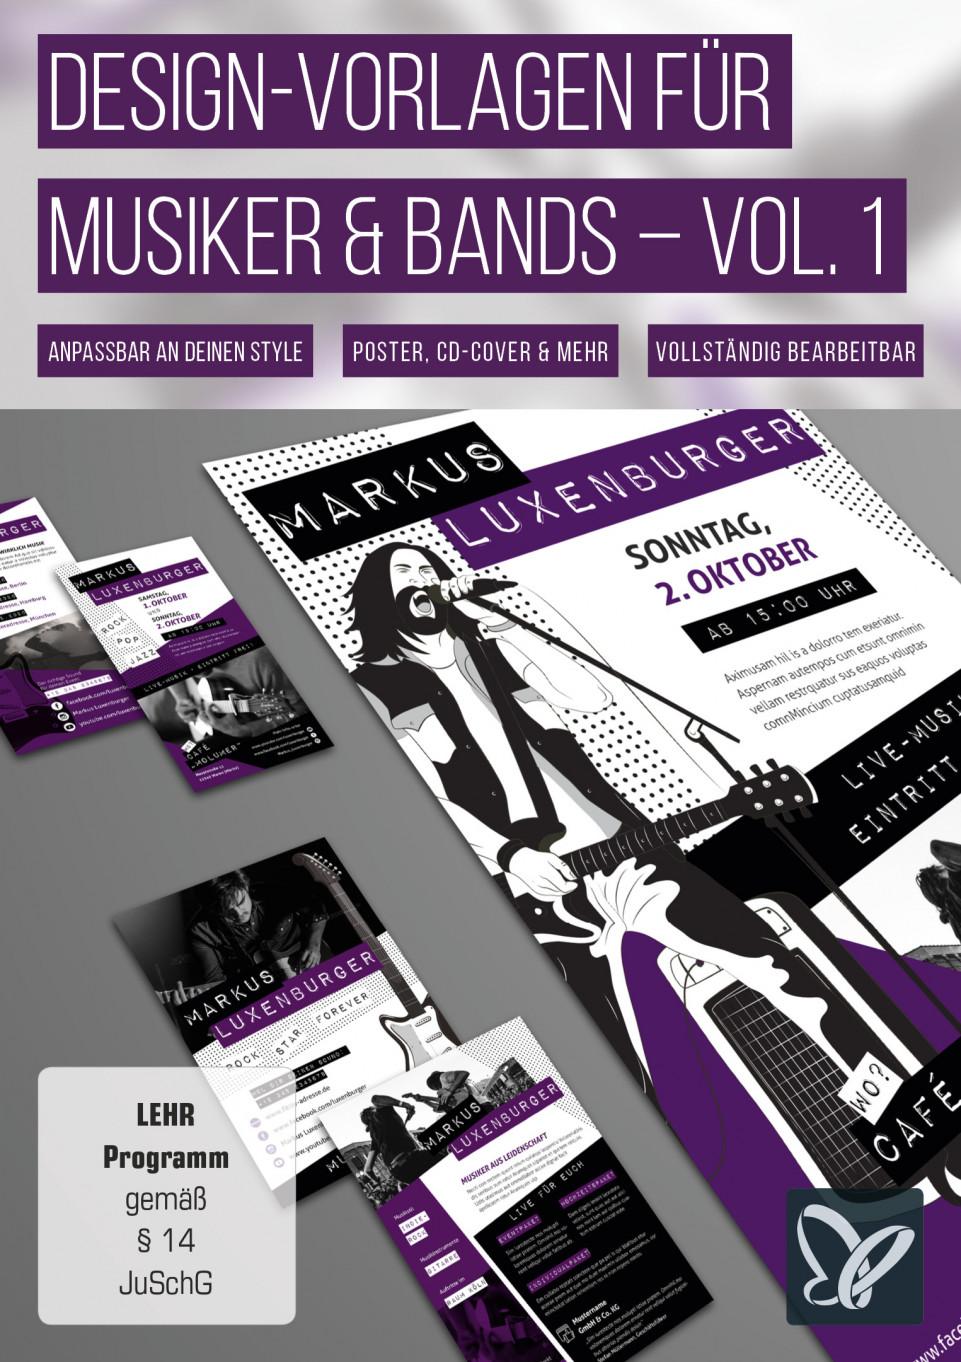 Design Vorlagen – CD Cover, Konzertplakate, Künstlerkarten